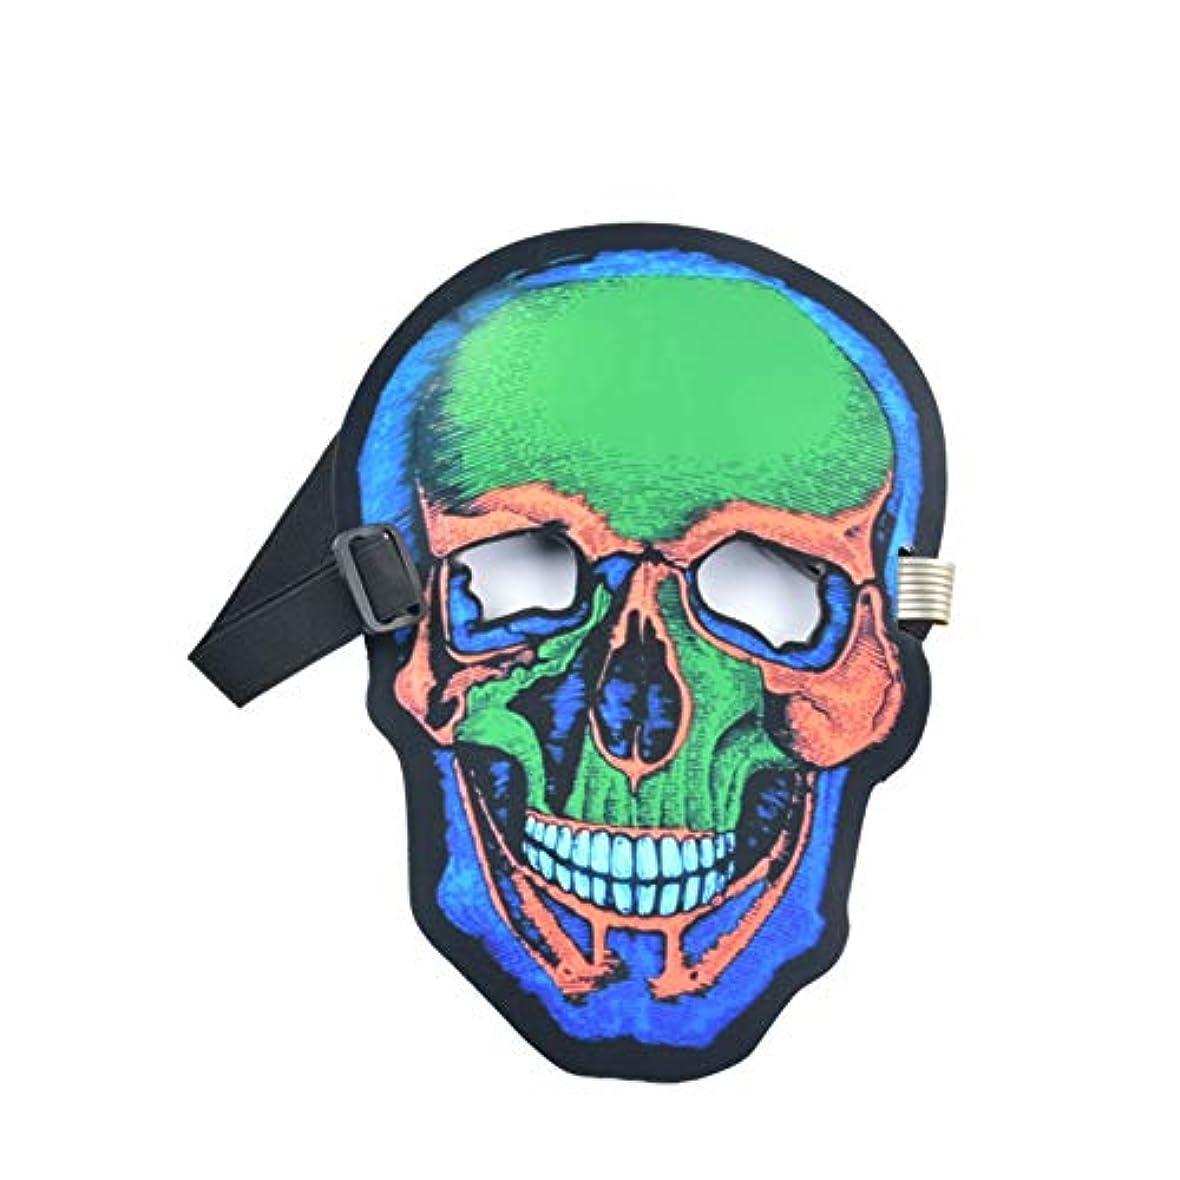 海洋の失社会主義Esolom ハロウィンドレスアップ どくろ頭 音声制御マスク 音作動LED照明マスク ウサギのデザイン ハロウィンマスク DJミュージックマスク